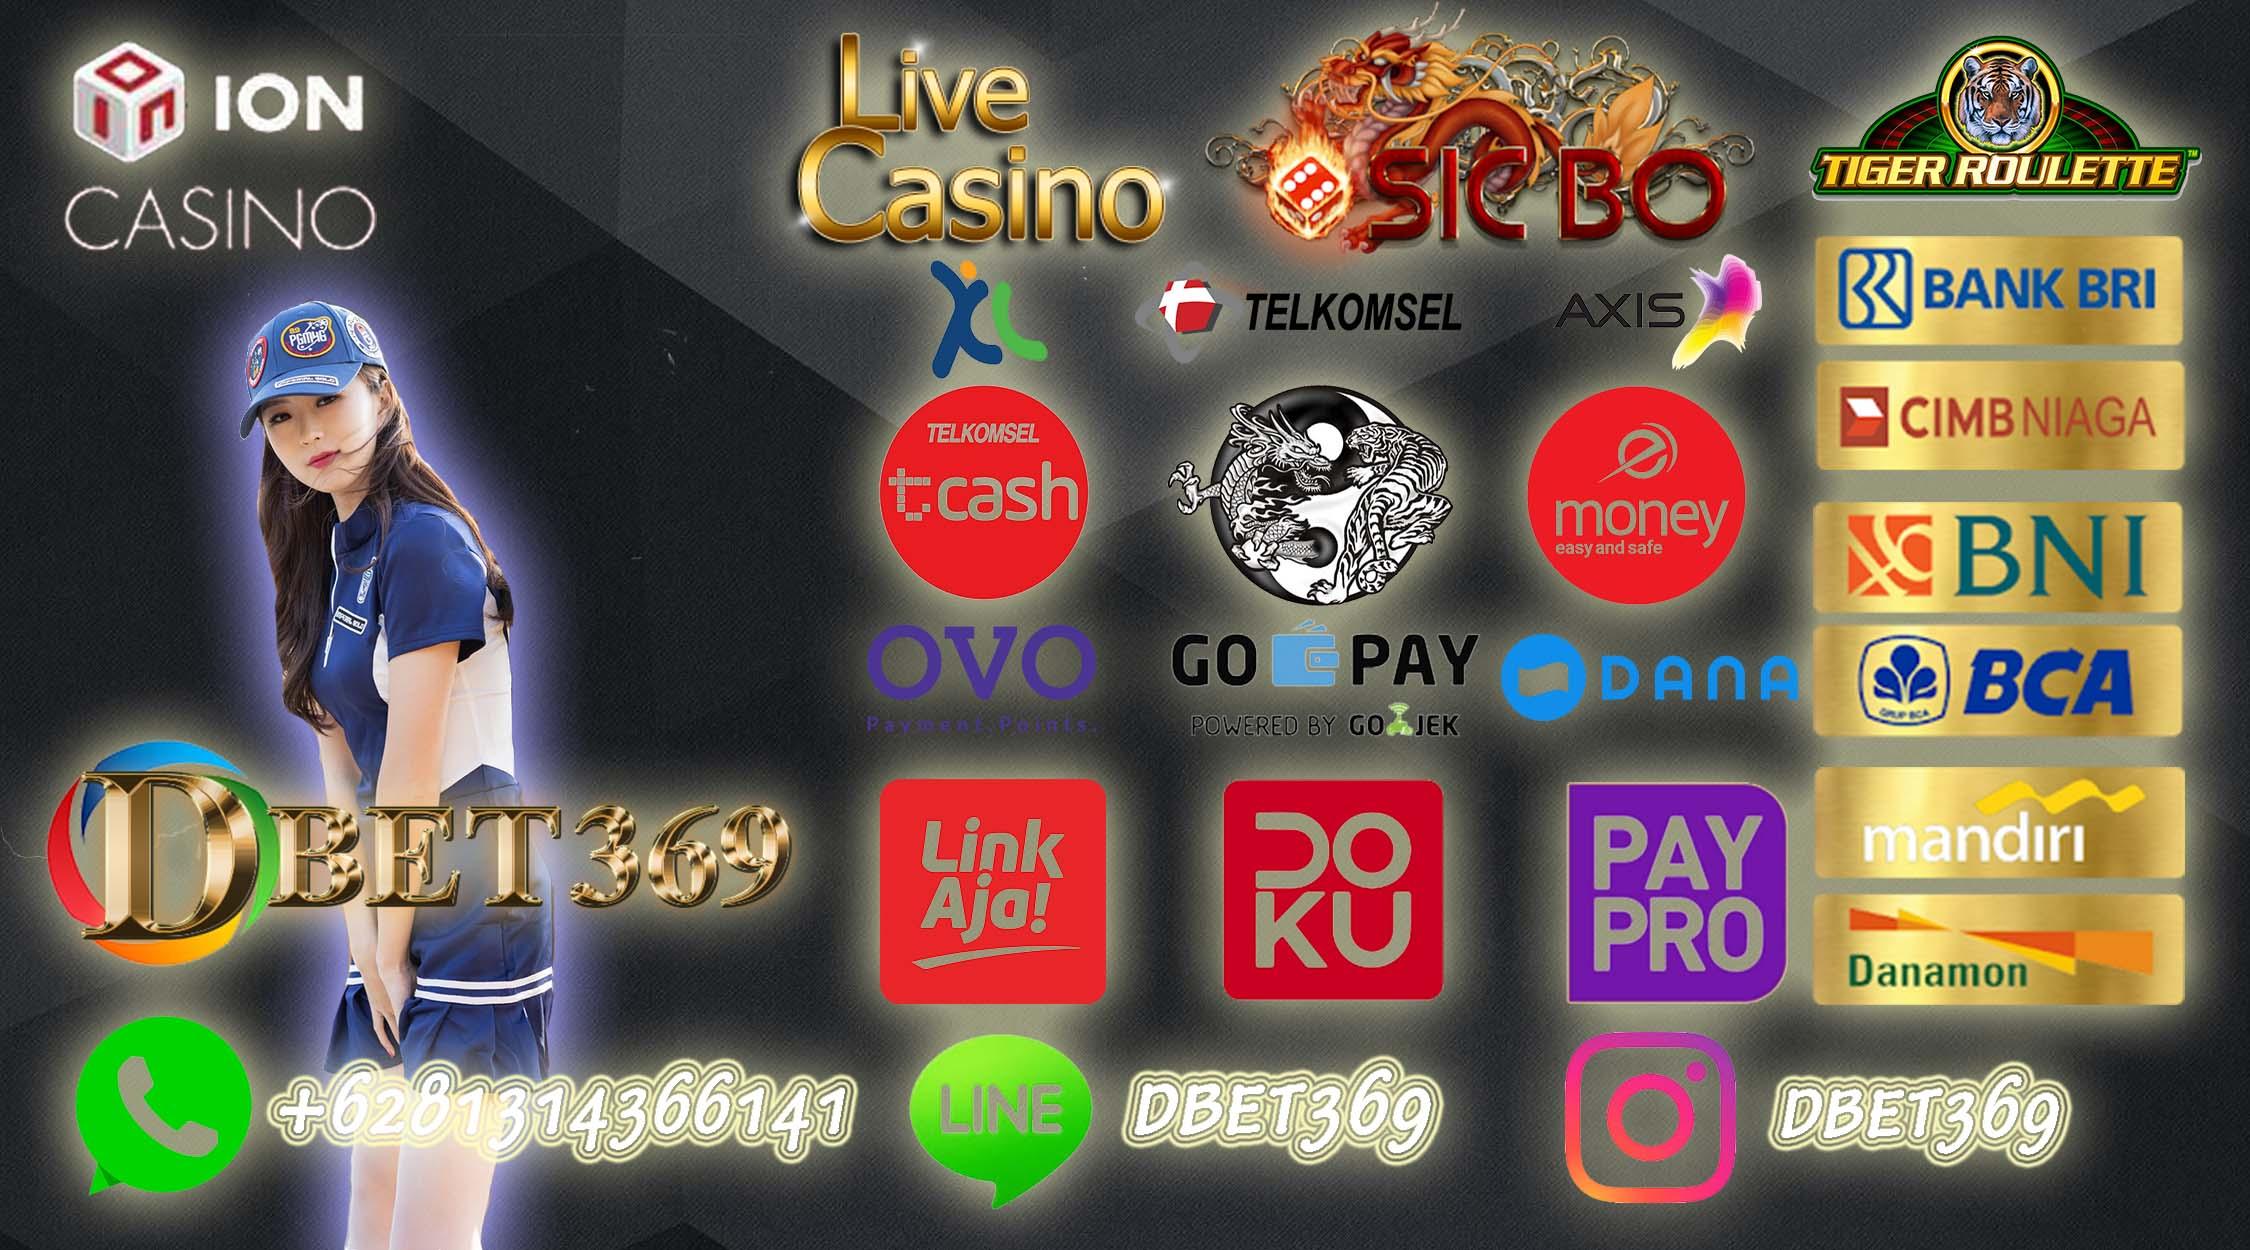 Situs Slot 24 Jam Transaksi Bank Bca, Bri, Mandiri, dan Bni